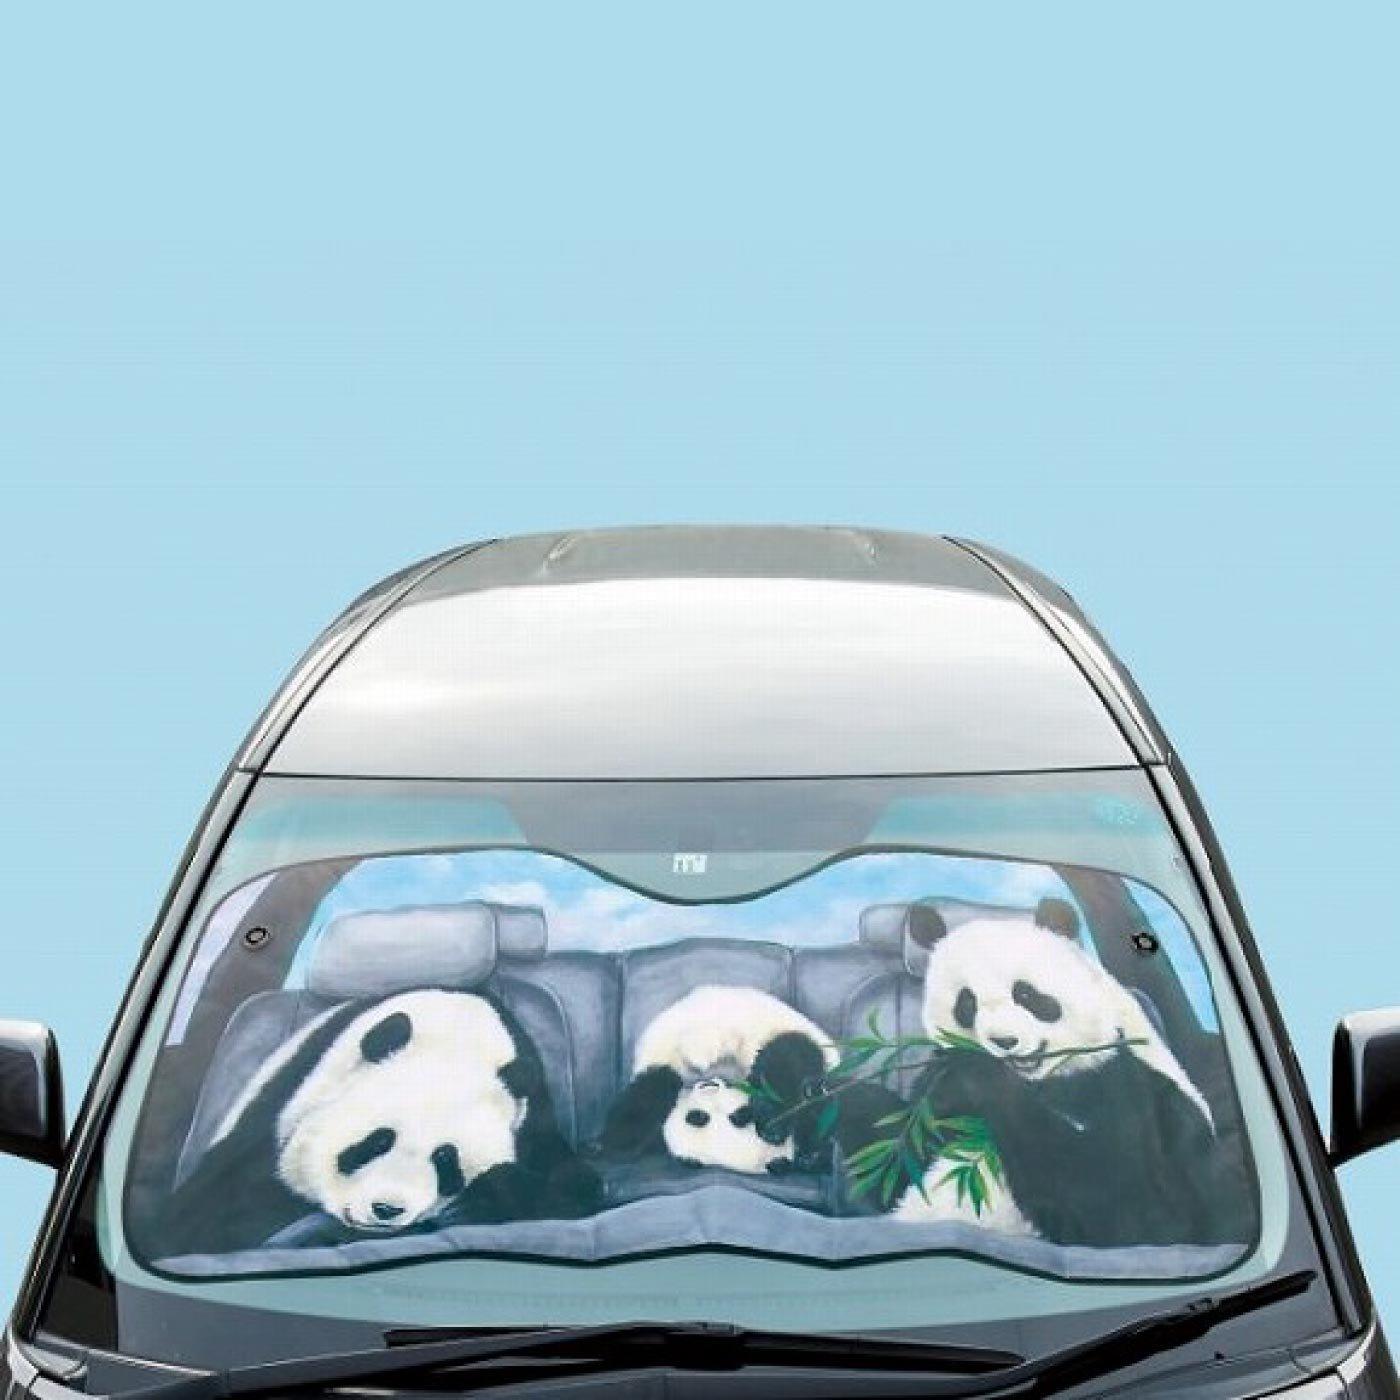 YOU+MORE! パンダの親子のお留守番パンシェード〈フロントガラス用〉